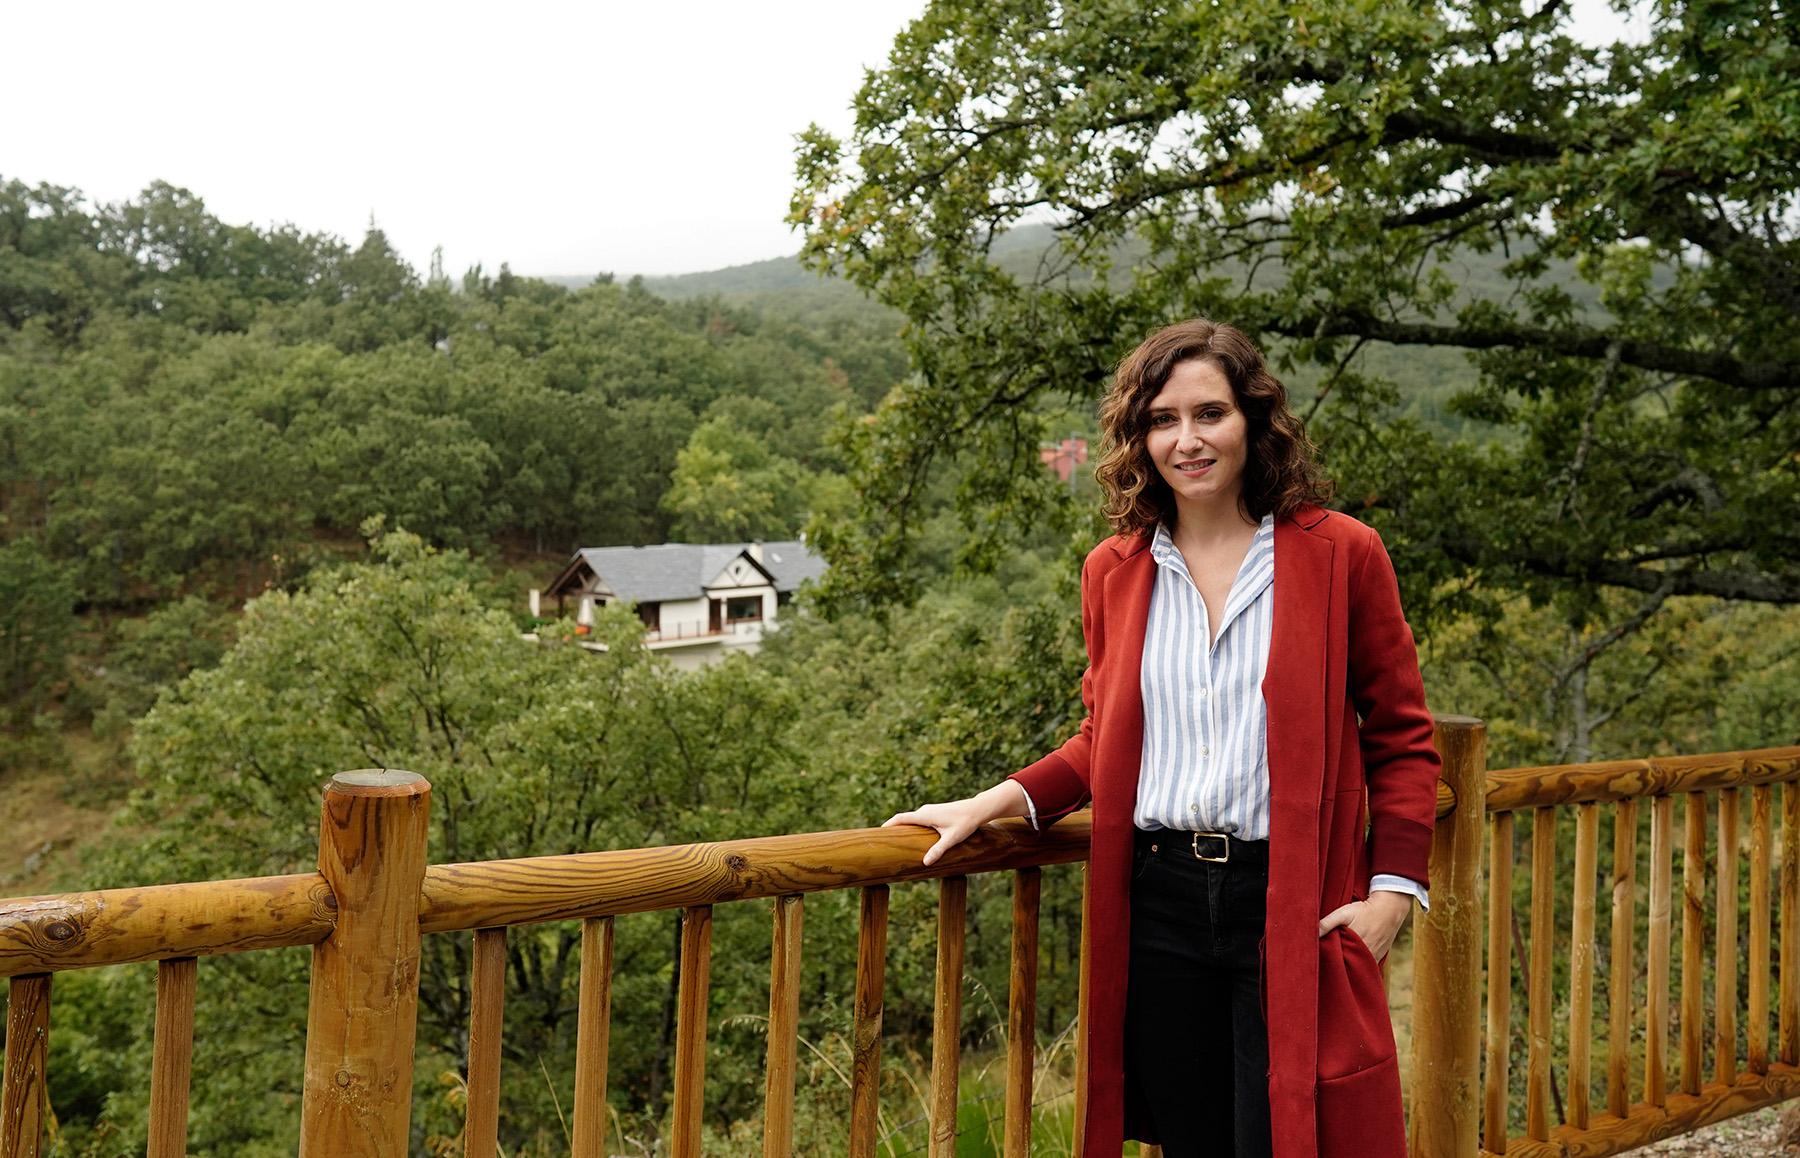 Talanquera inaugurada por Isabel Día Ayuso en Miraflores de la Sierraz